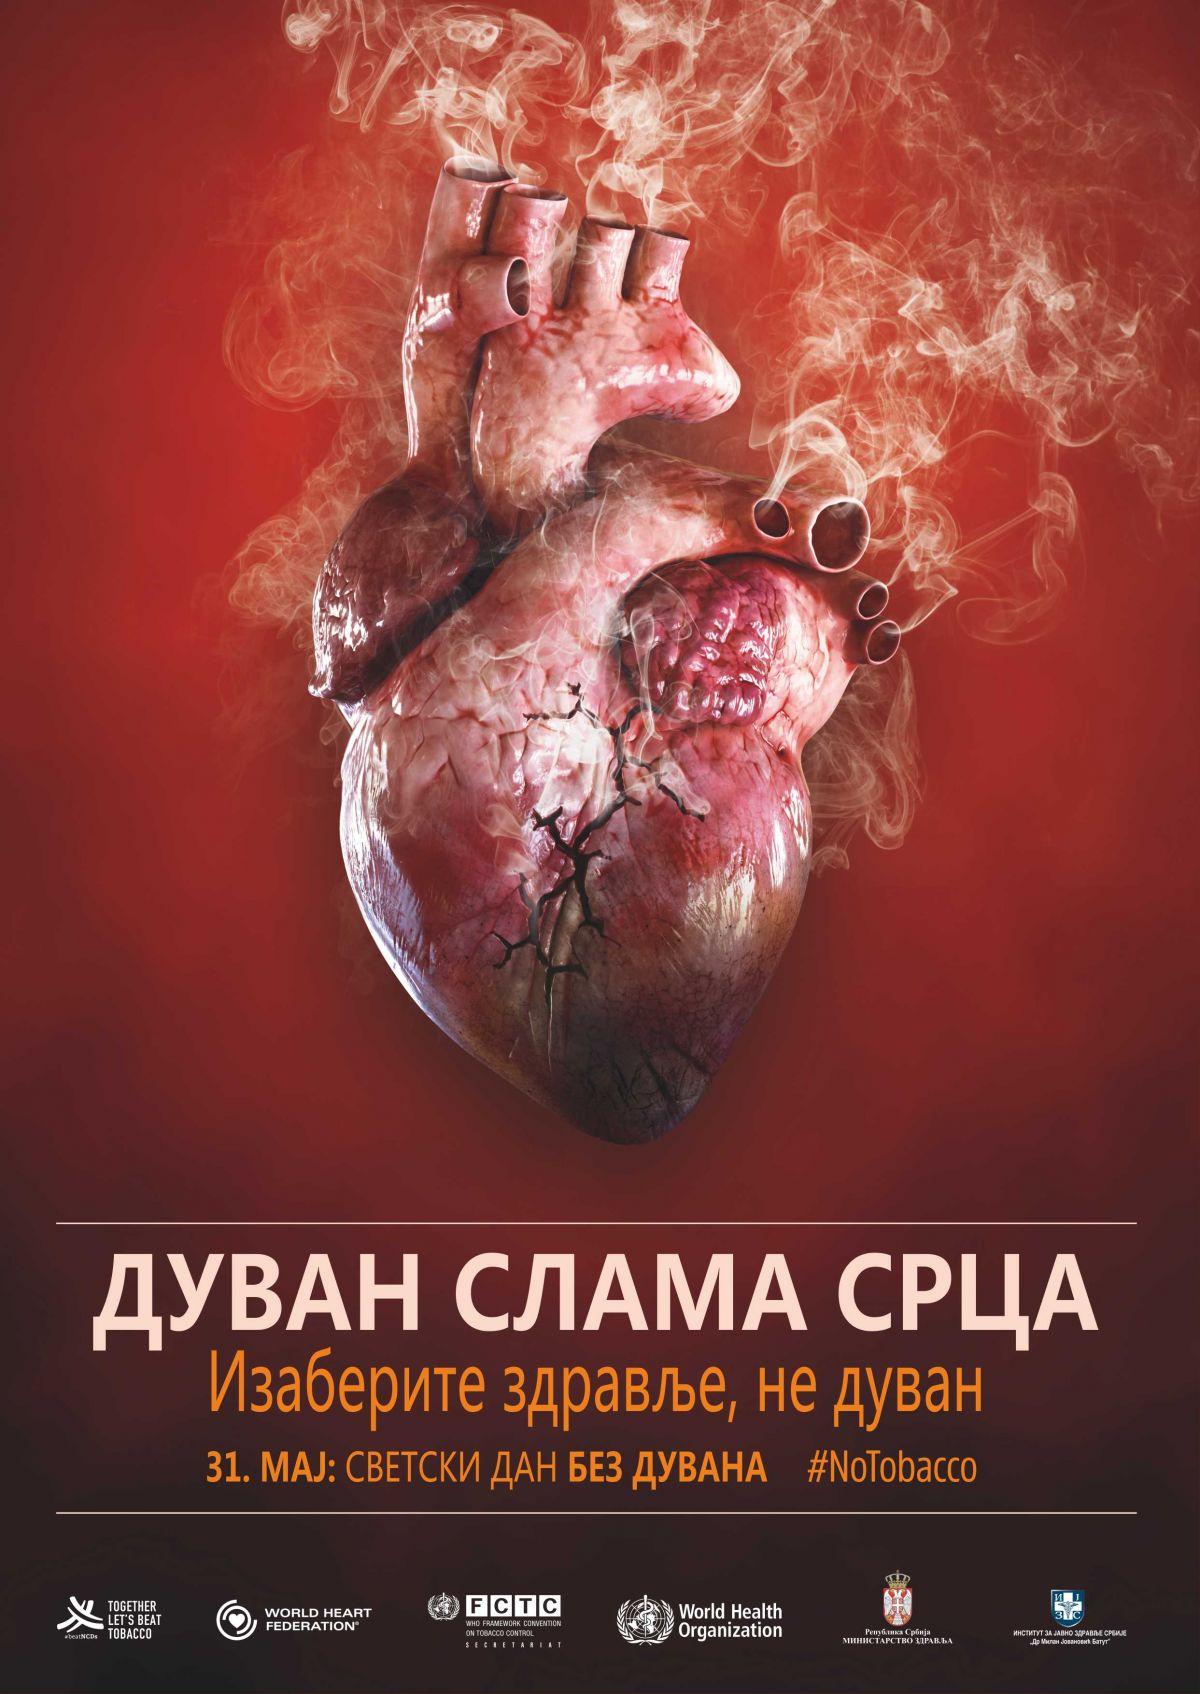 Duvan slama srca